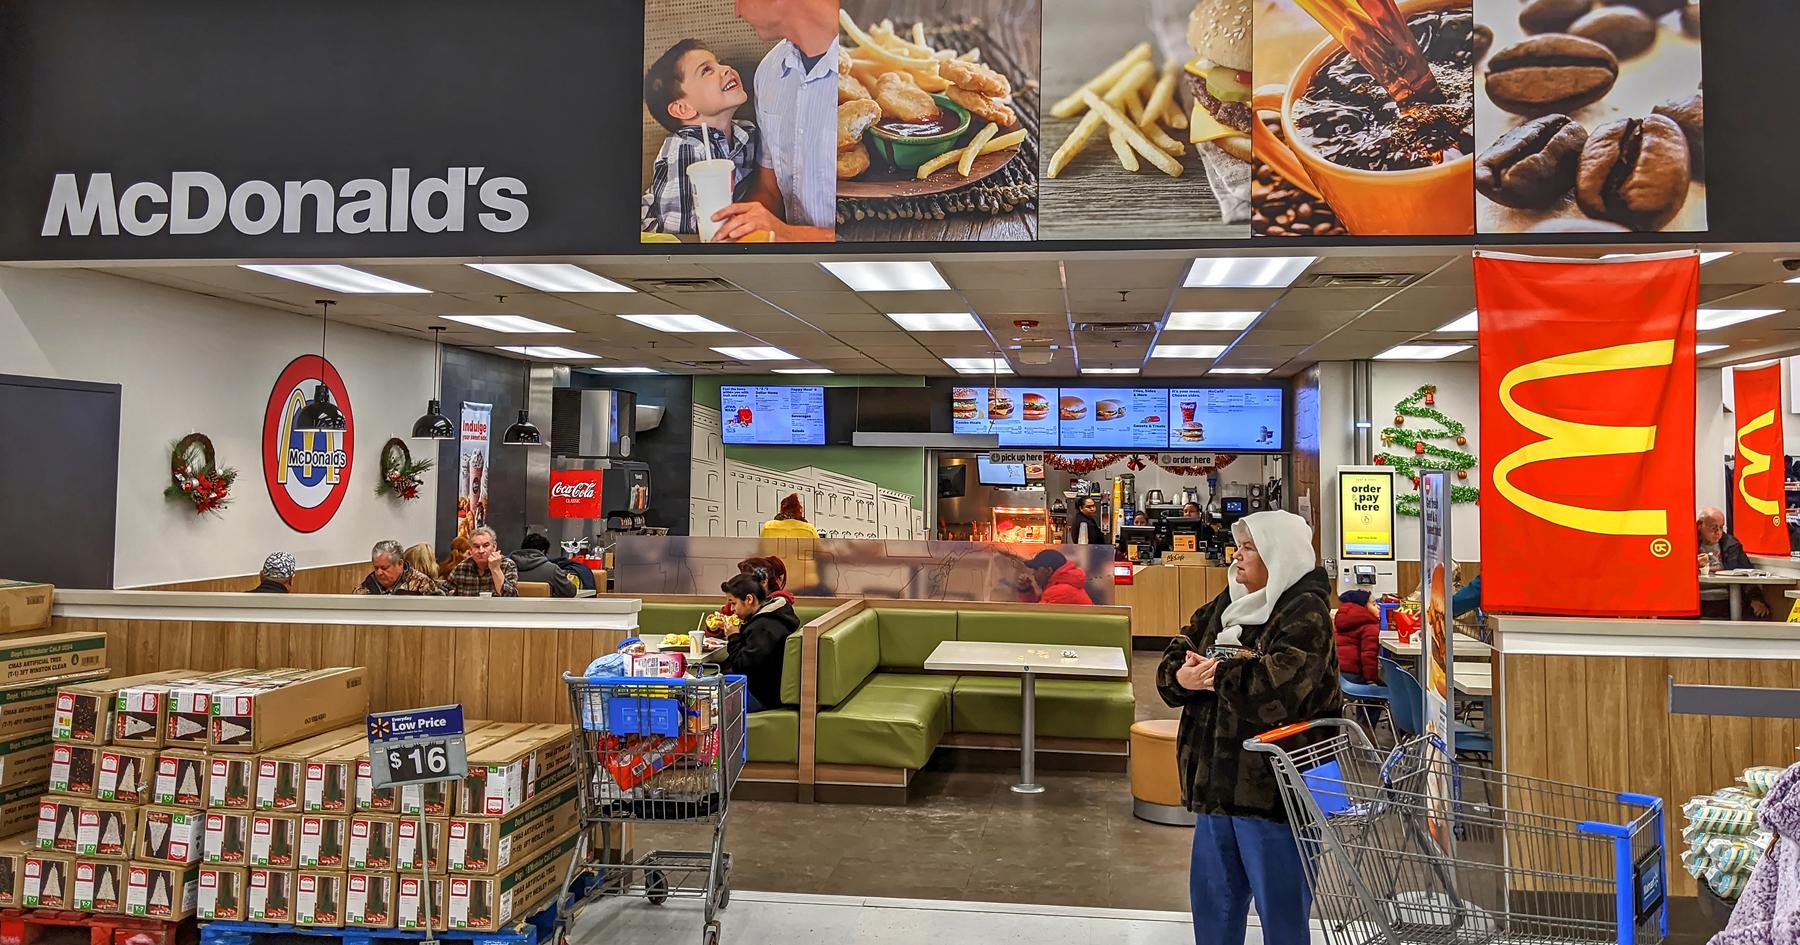 McDonald's Walmart's